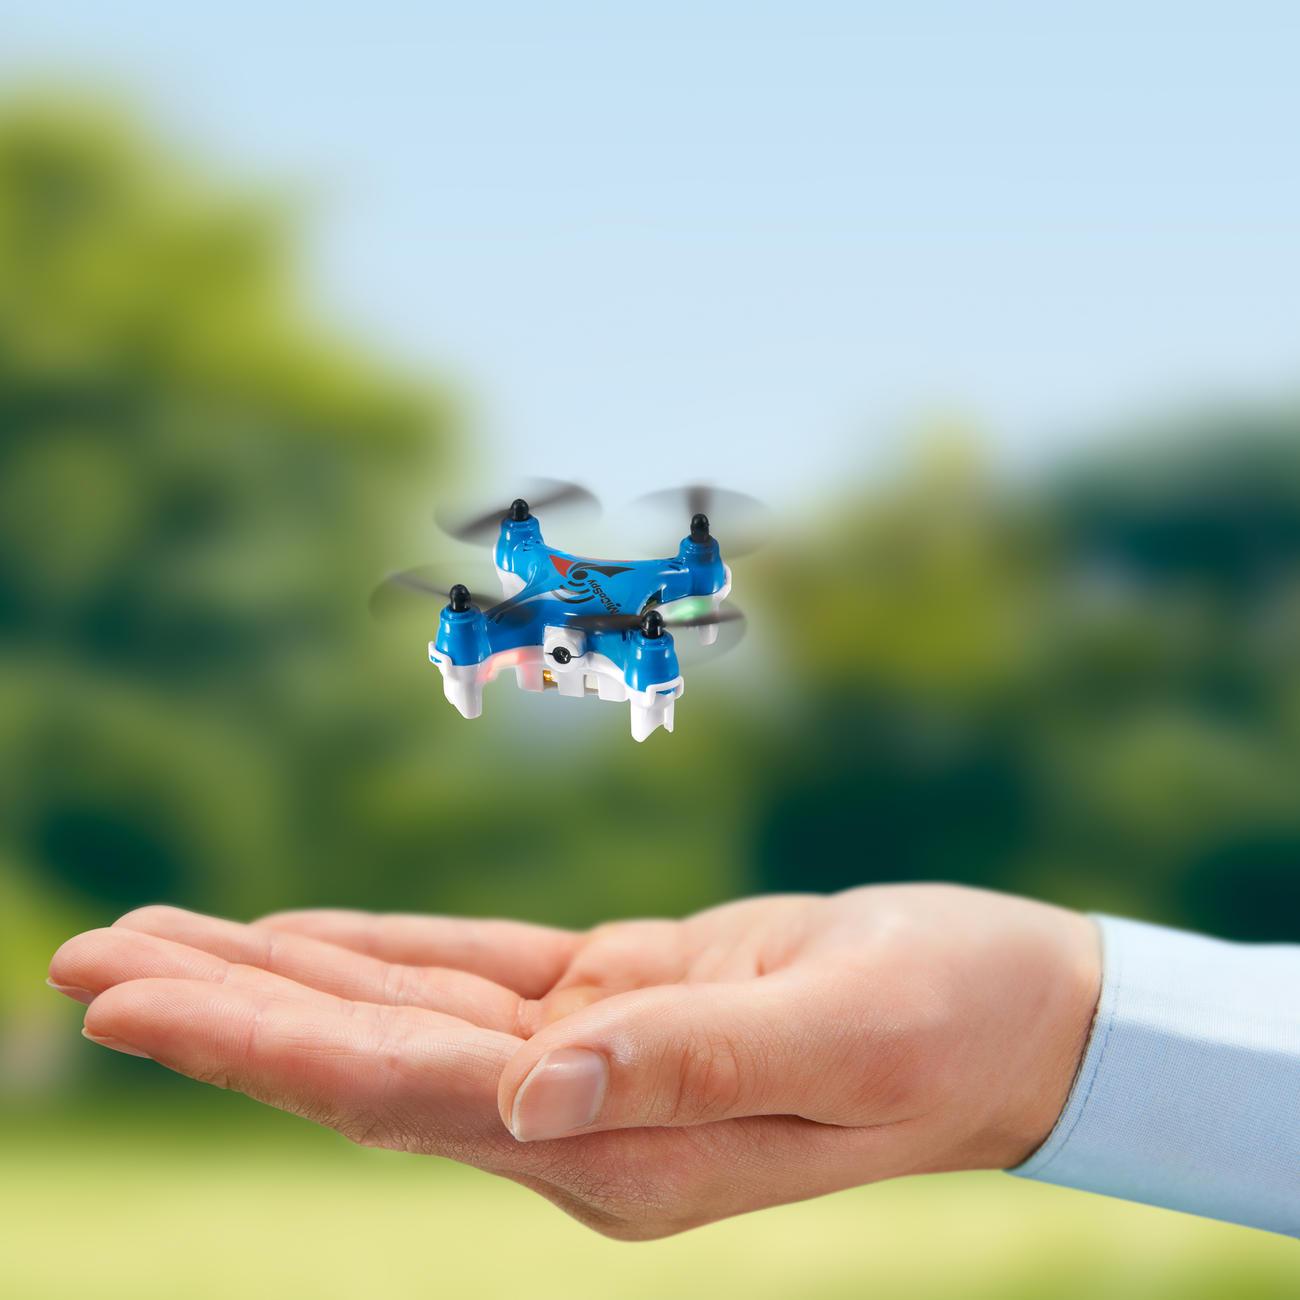 Mini-Copter mit Kamera Das 6-Achsen-Gyrosystem hält die Kamera-Drohne stabil in der Luft und sorgt für eine leichte und sichere Steuerung.